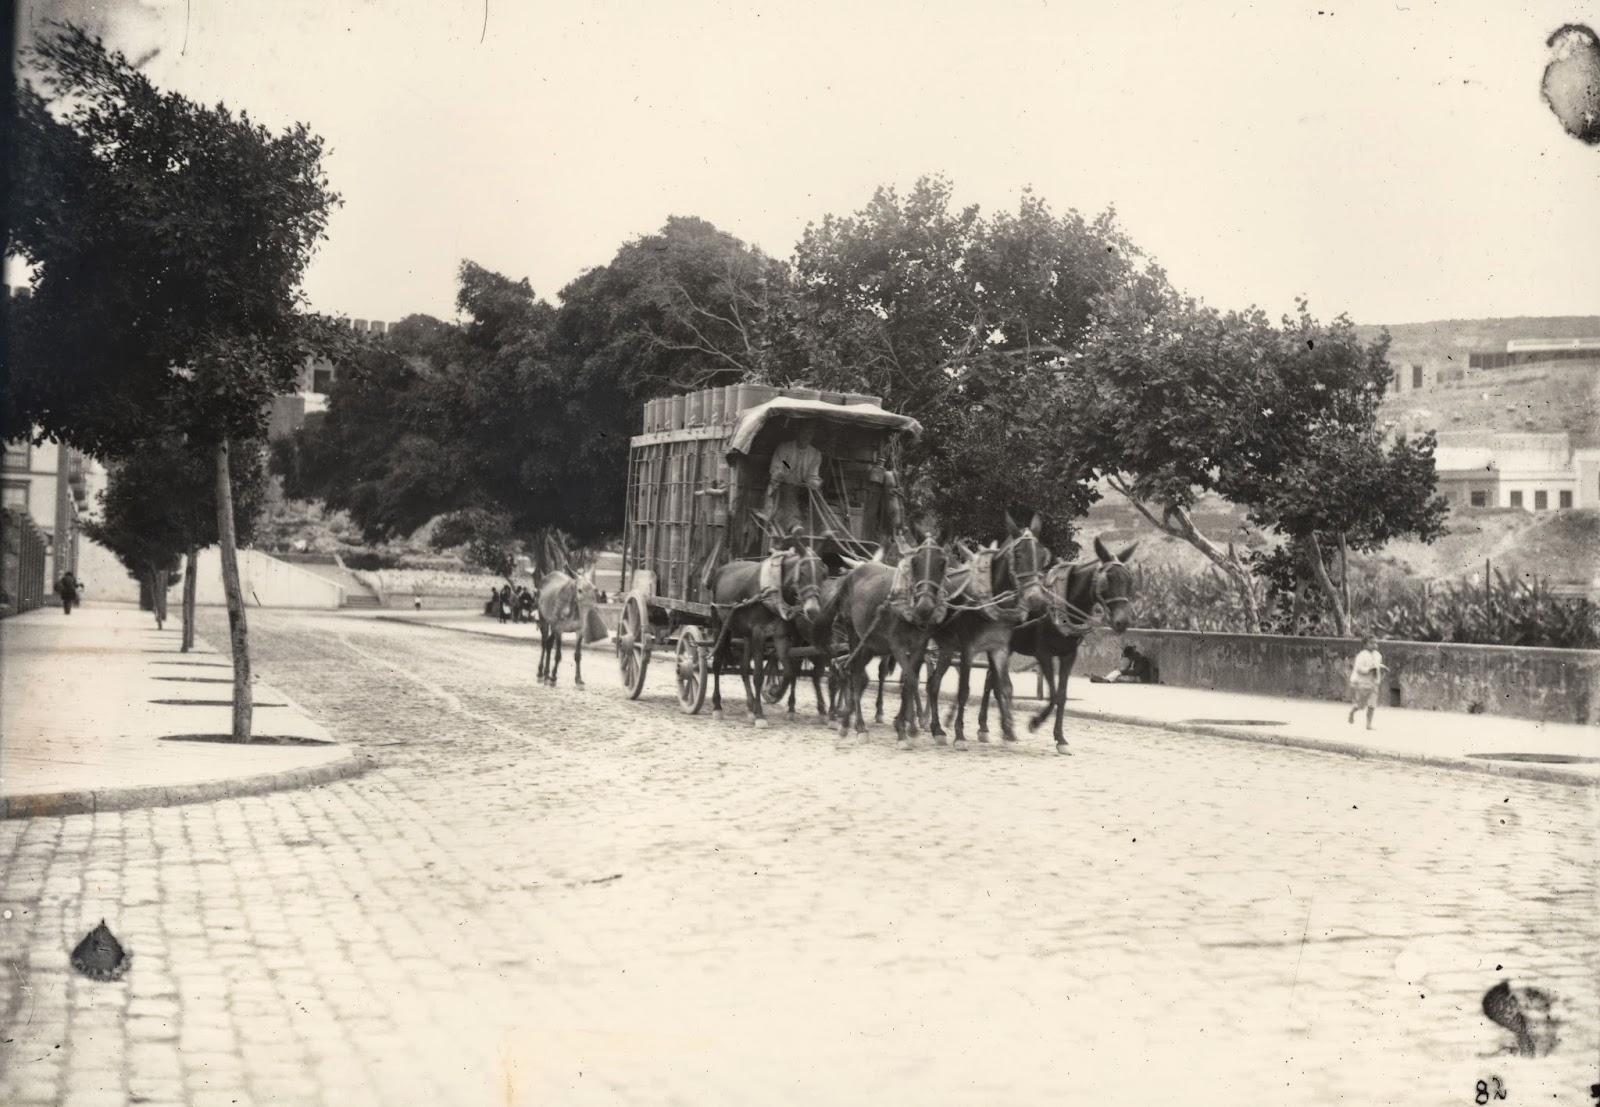 """Imagen nº07355 """"Cargando Huacales en el camino nuevo"""" propiedad de la FEDAC/CABILDO DE GRAN CANARIA. Realizada entre los años 1910-1915 por Kurt Hermman."""